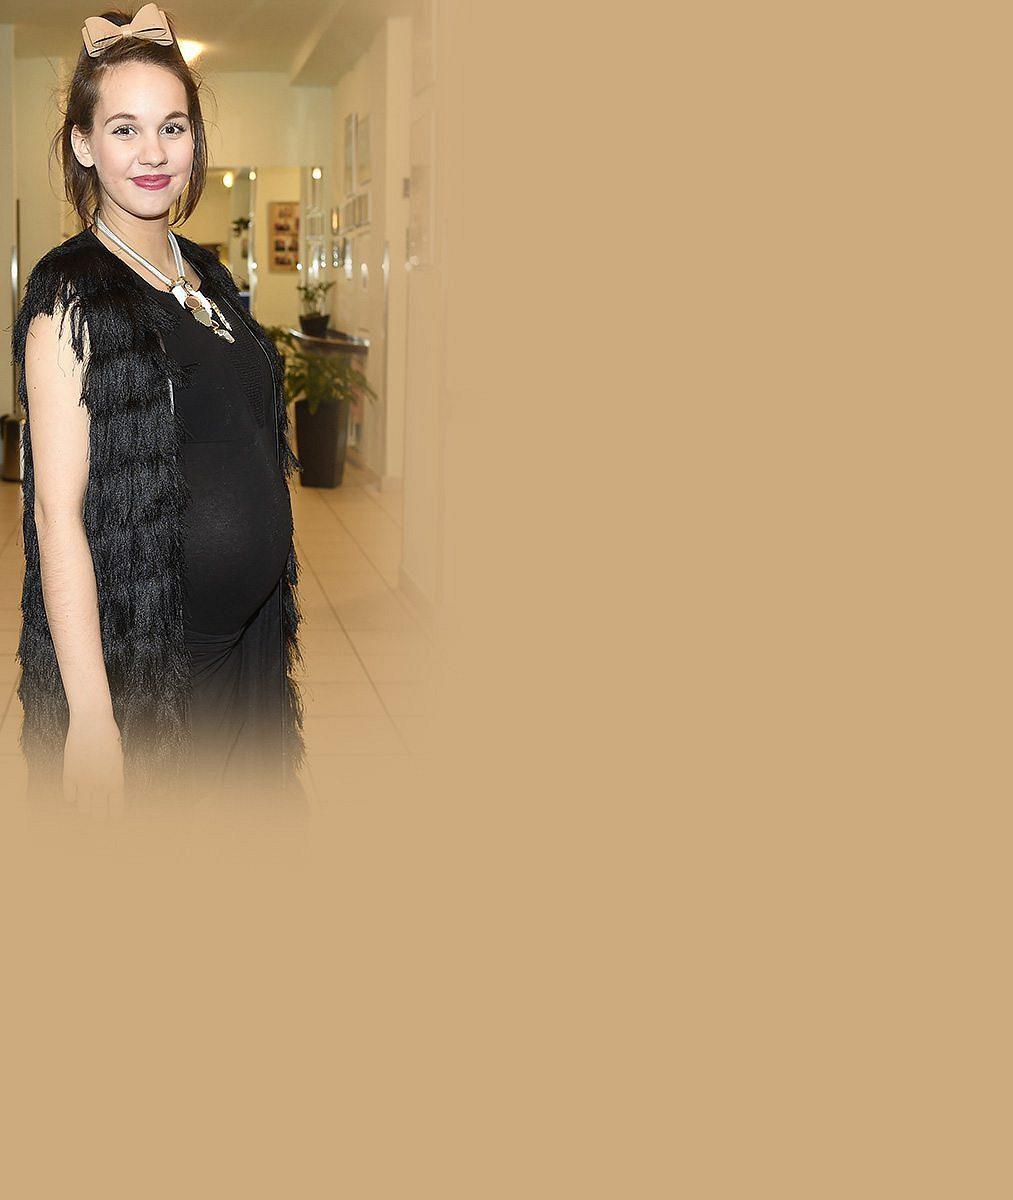 Čerstvá maminka Míša Tomešová ukázala bříško po porodu: Fanynky se nestačily divit